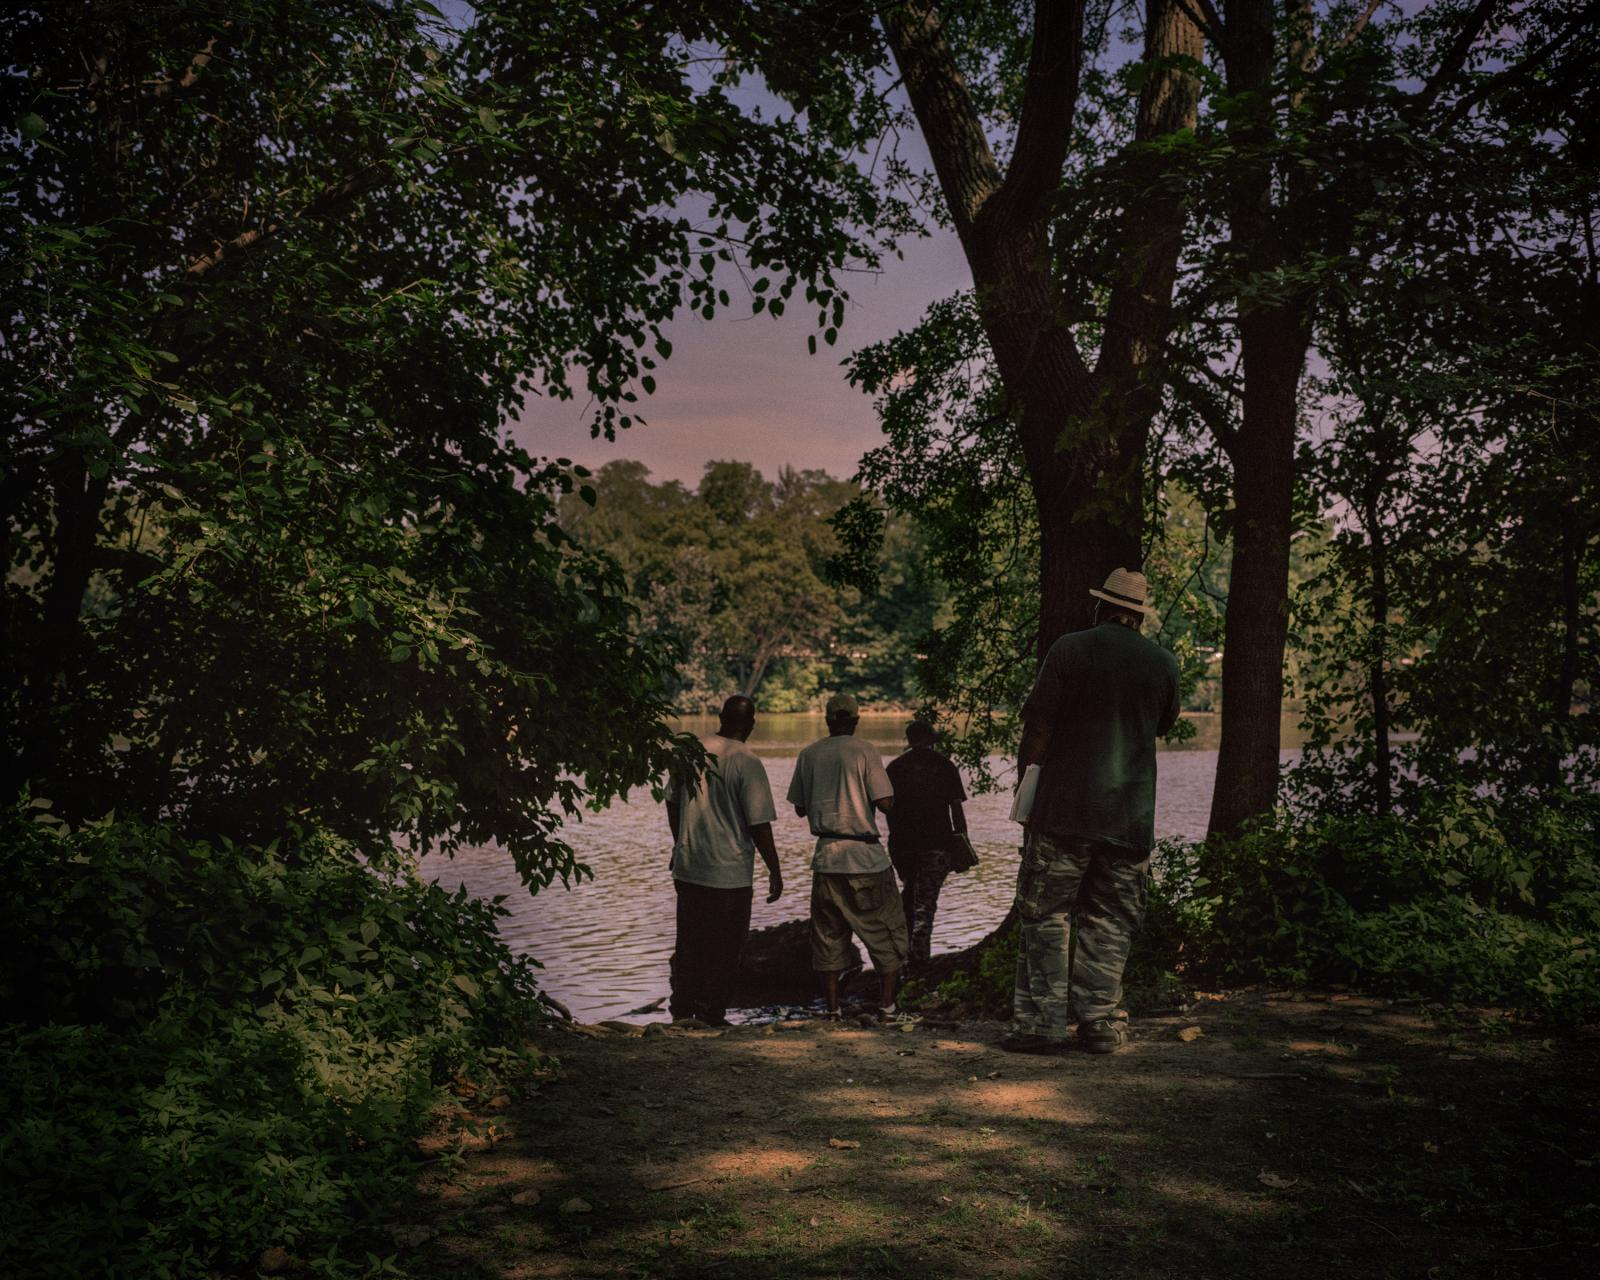 War veterans, Passaic River, Lyndhurst, New Jersey, USA, 2016